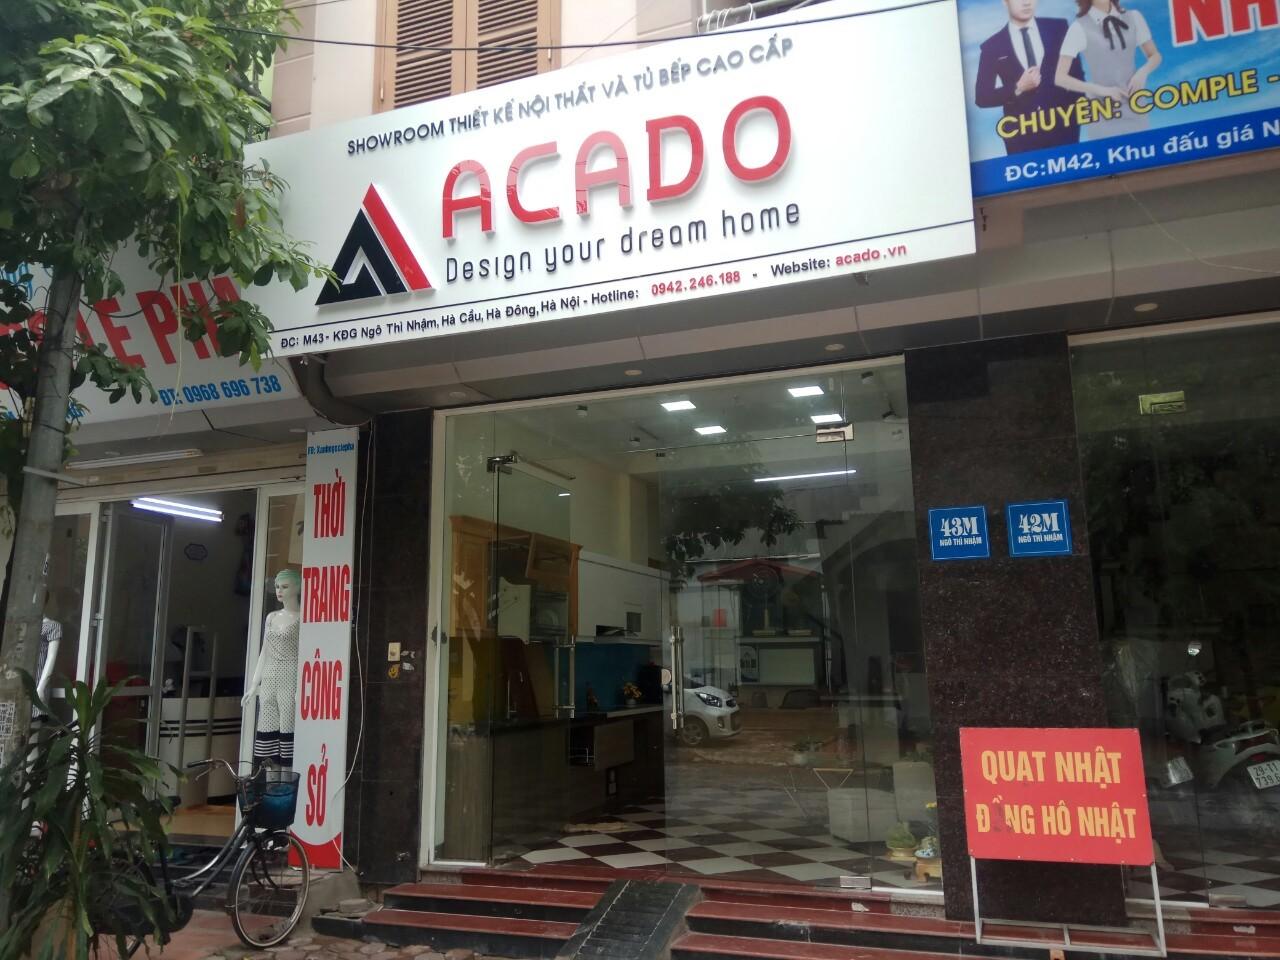 Showroom thiết kế nội thất và tủ bếp cao cấp ACADO